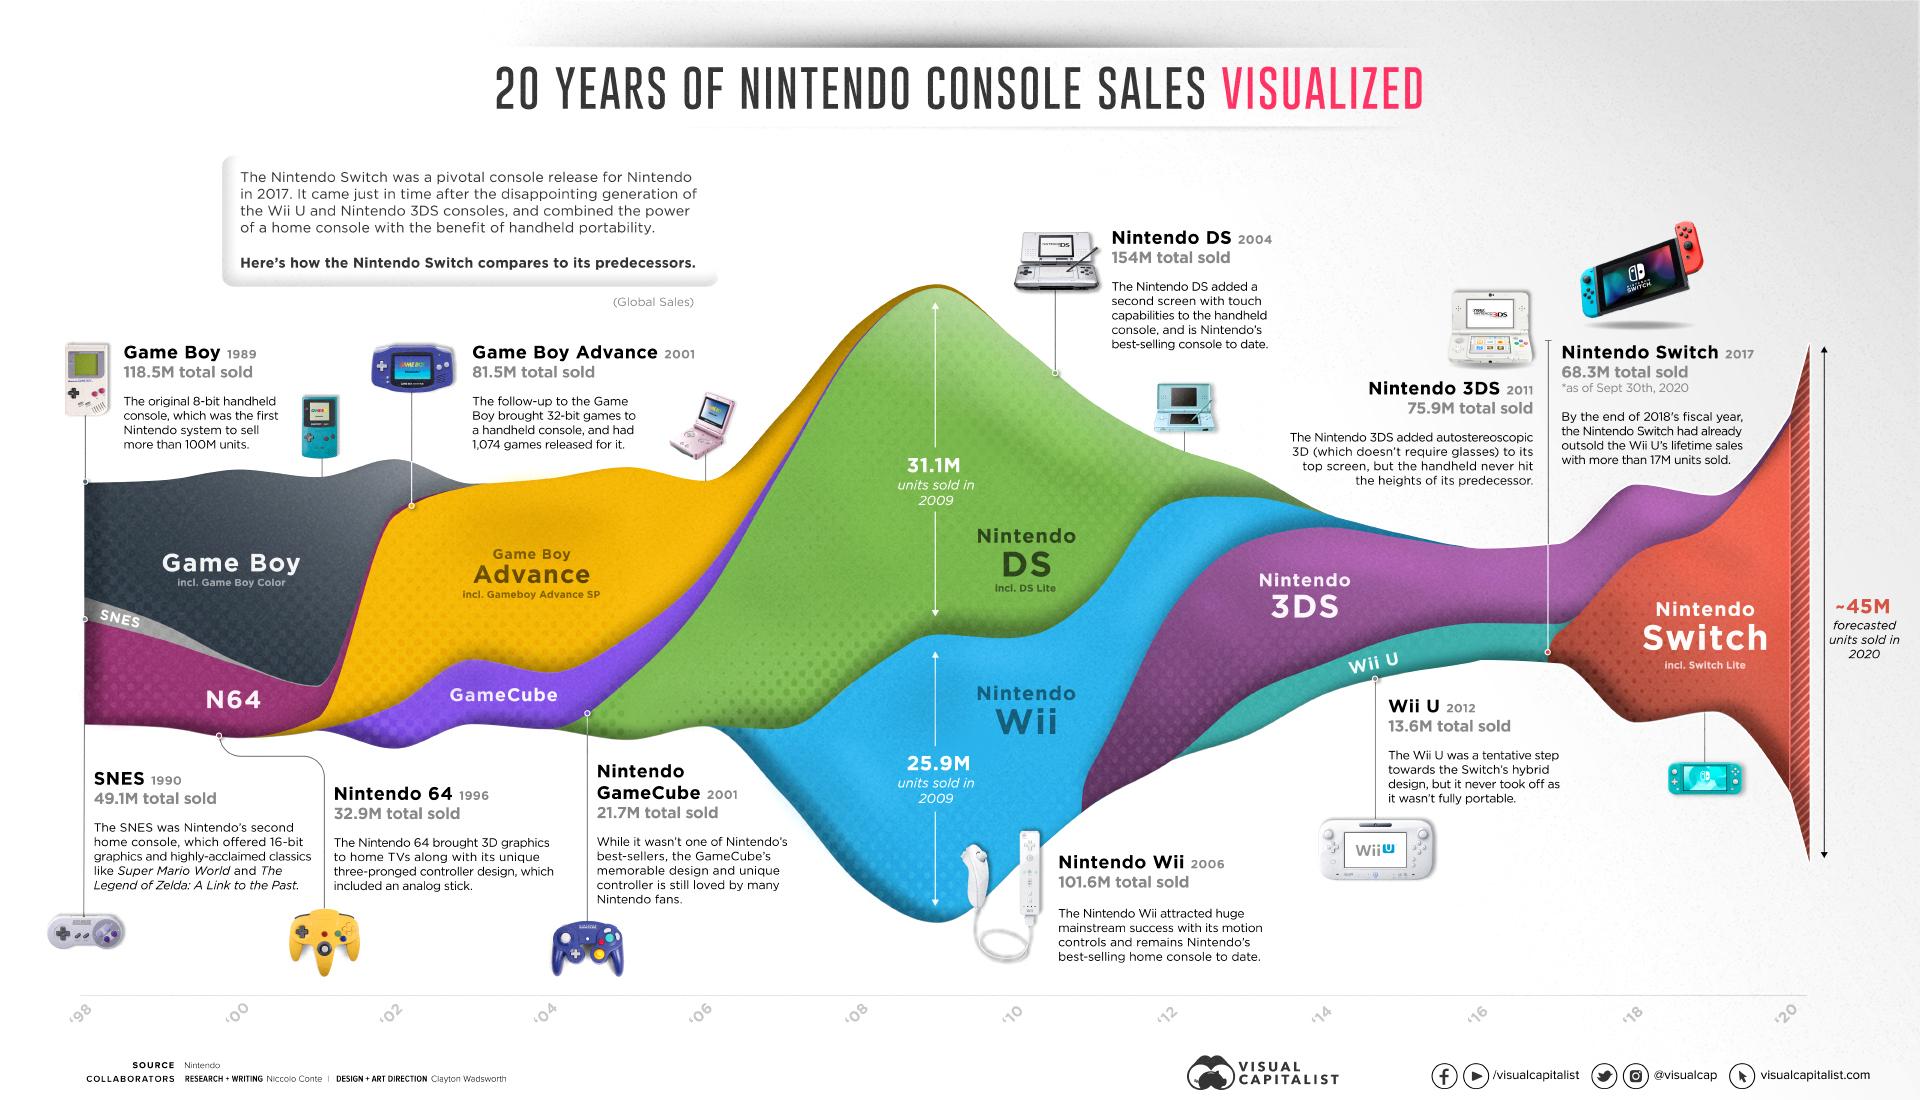 konsola Nintendo historia sprzedaż